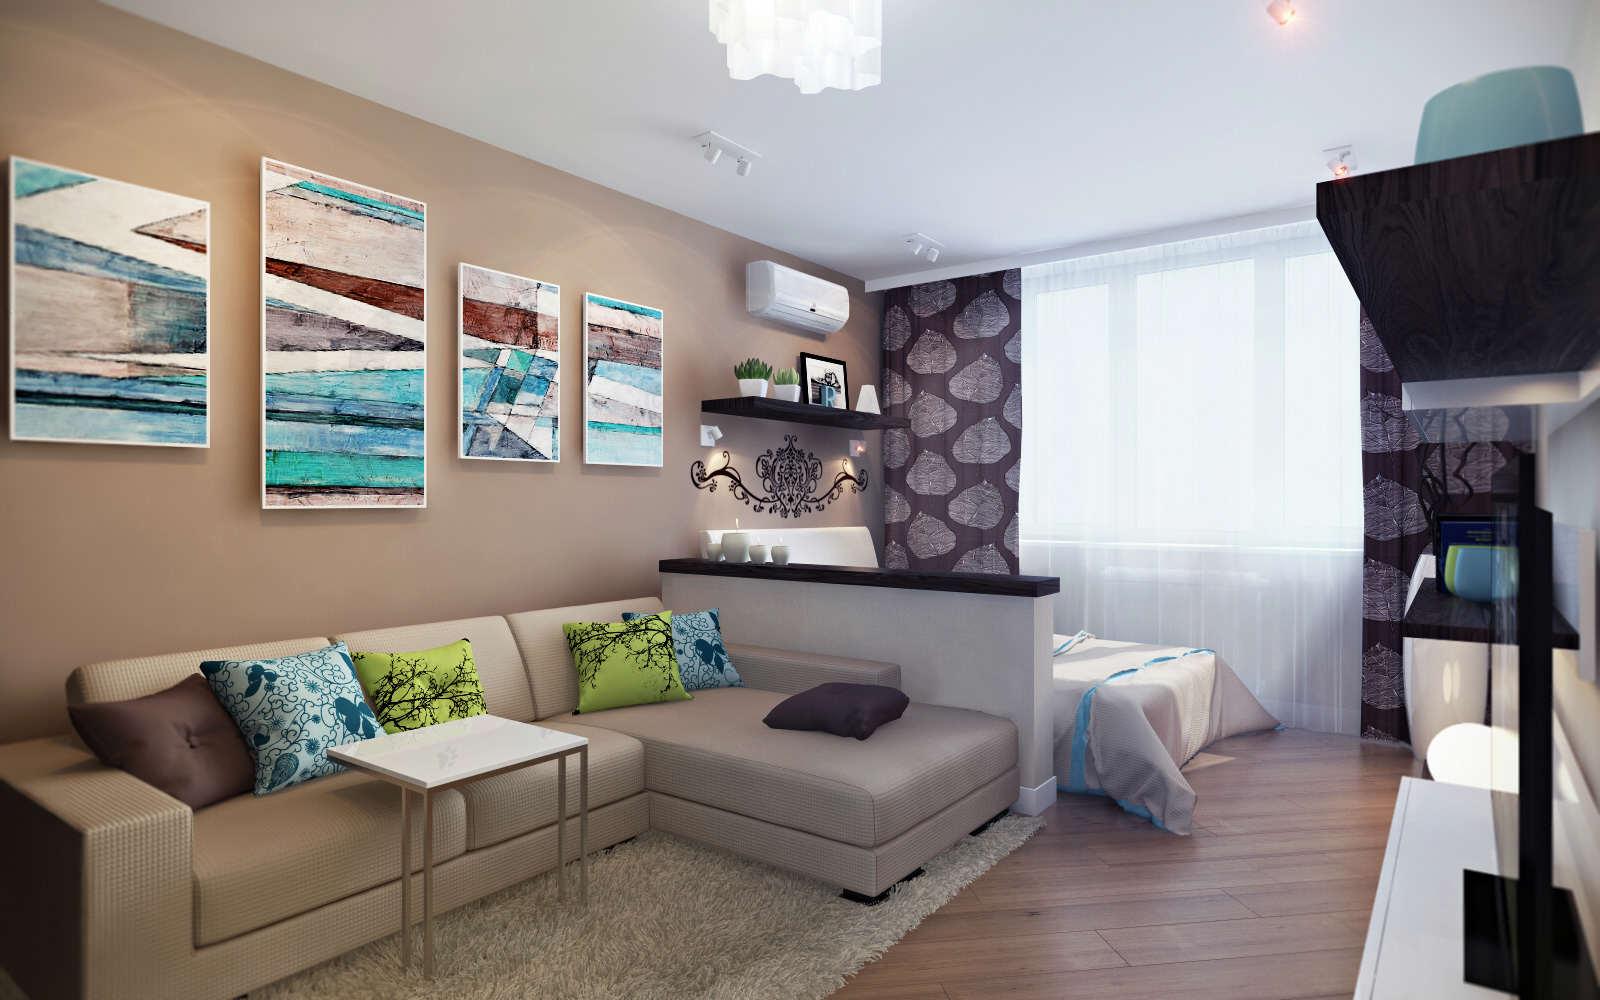 Отделка квартир в г Уфа Узнайте расценки на отделочные